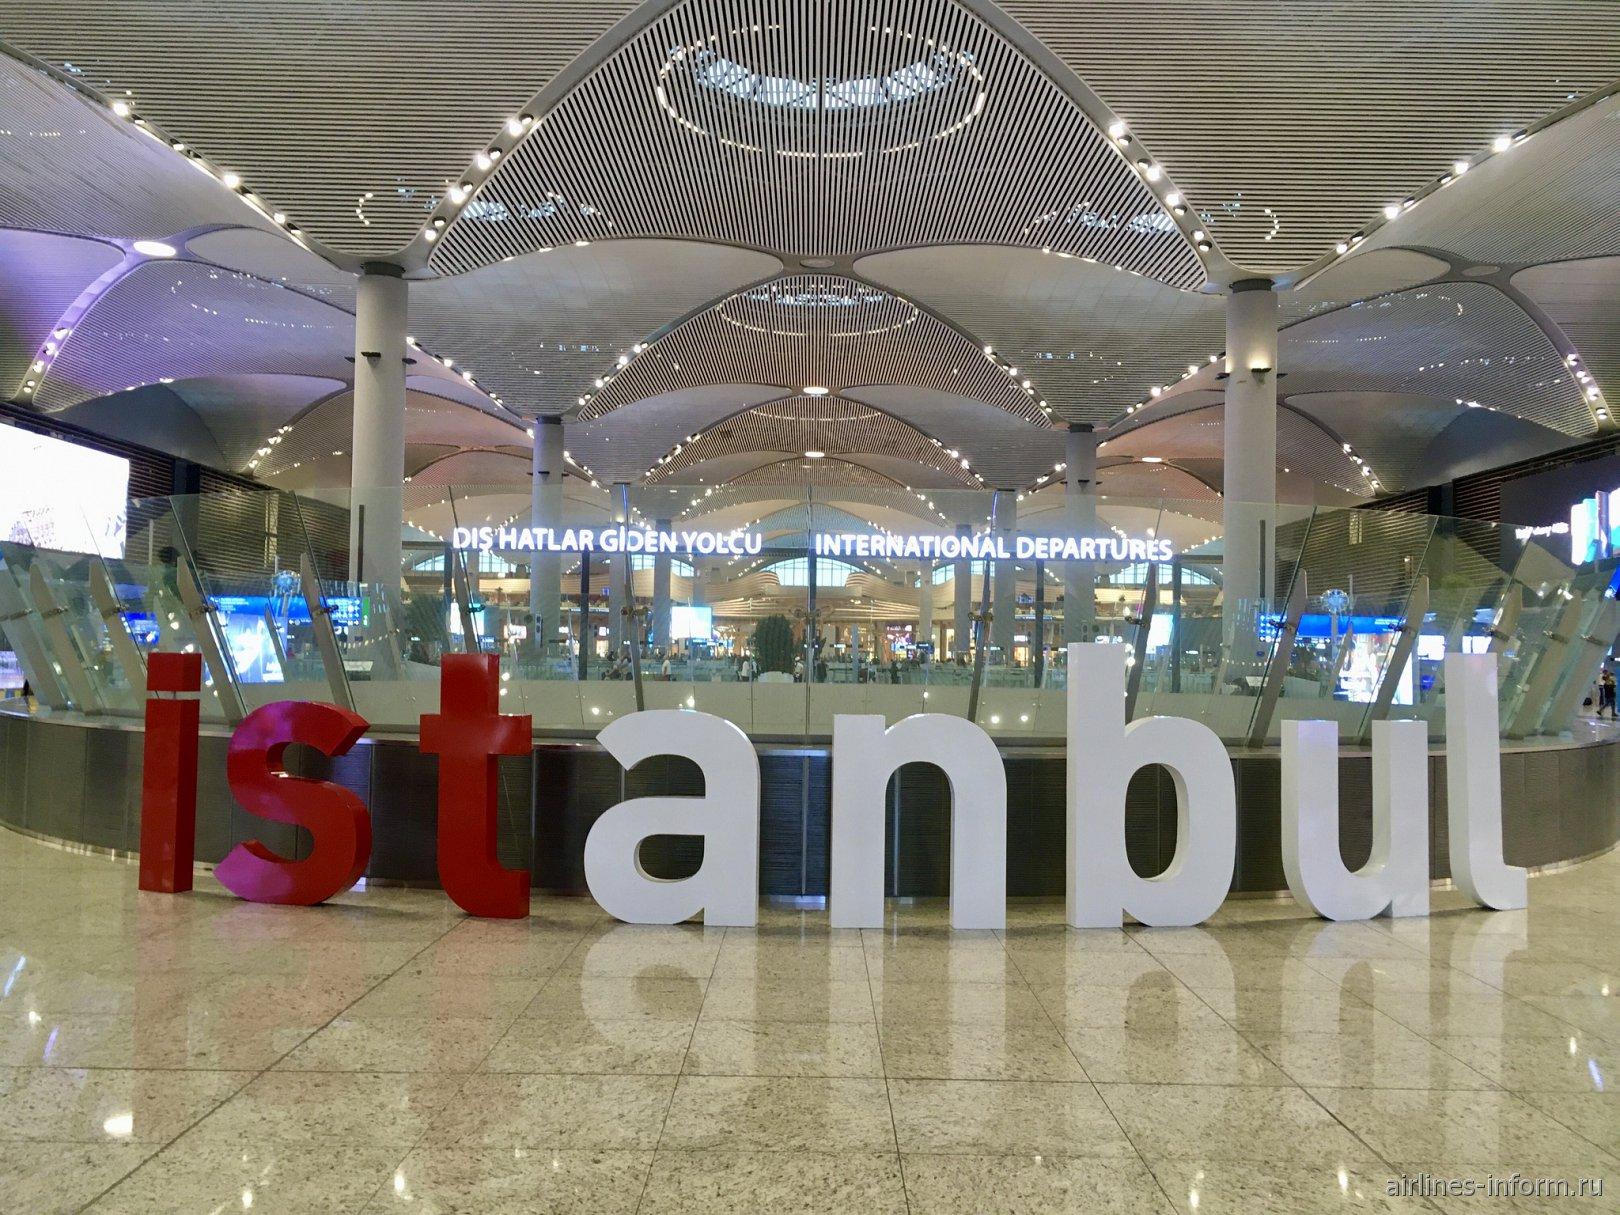 Стамбул - Санкт-Петербург с Turkish Airlines